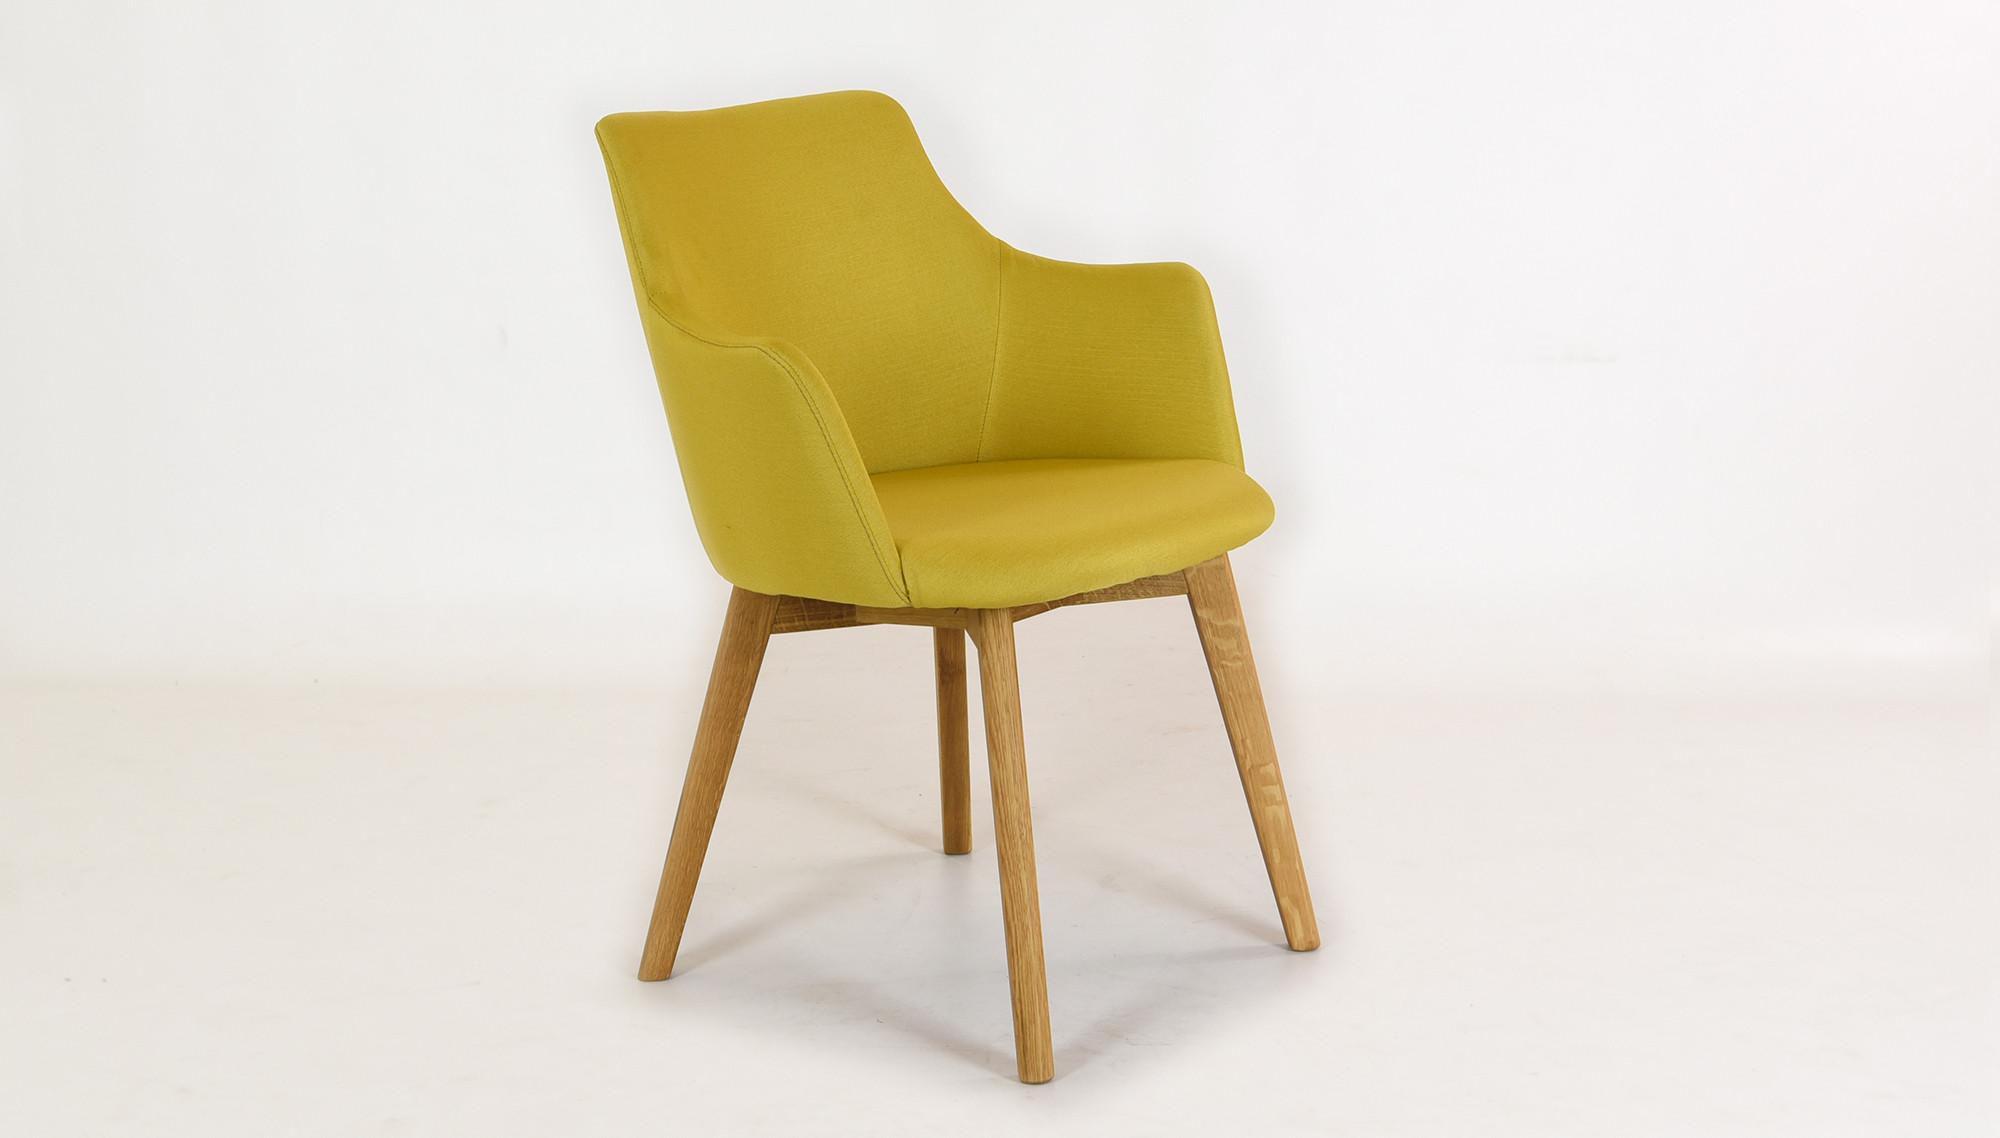 Esszimmer Sessel Leder   Wohn Design Love